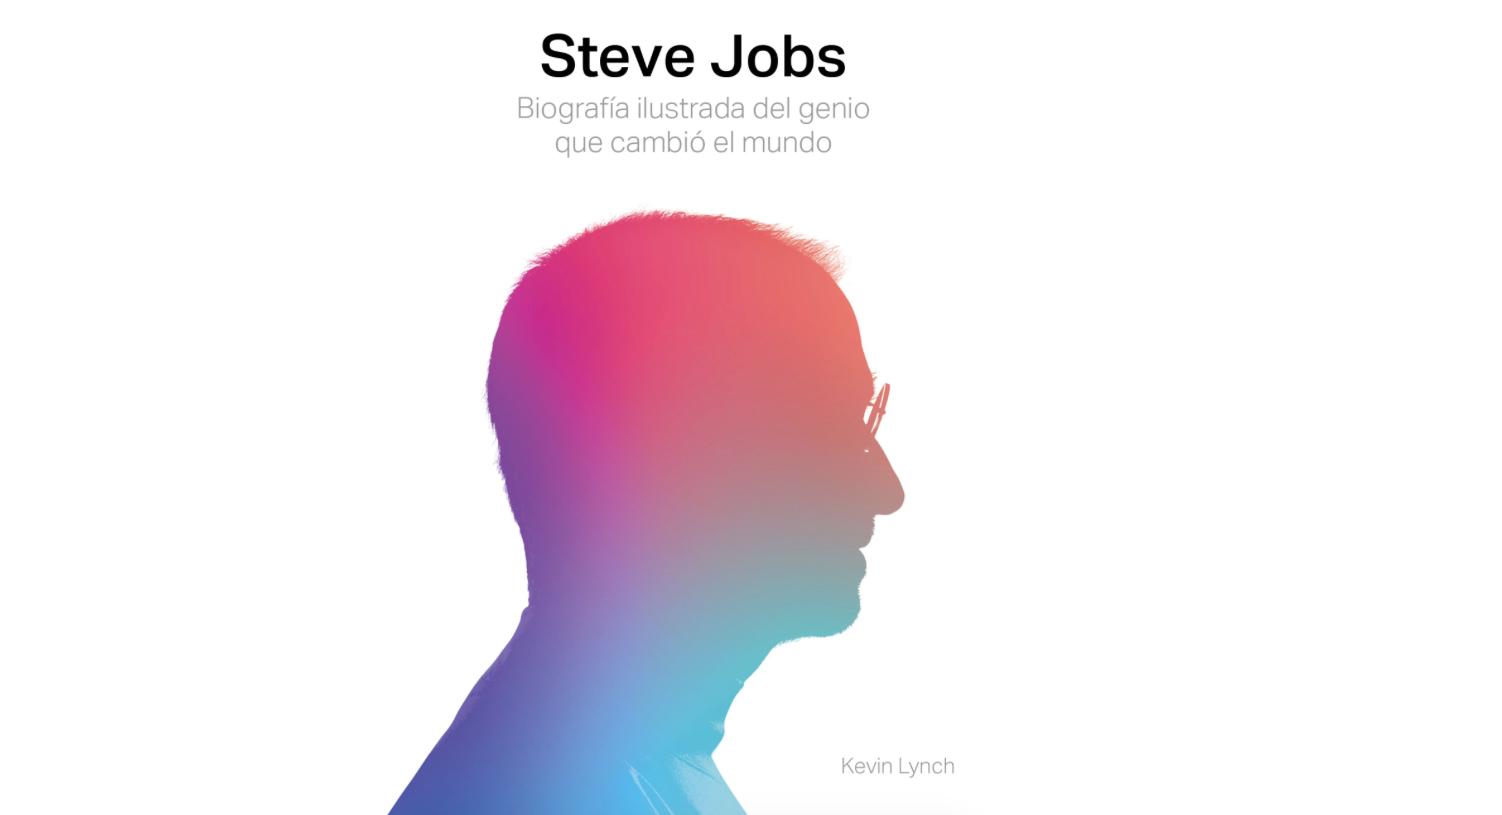 la-biografia-ilustrada-de-steve-jobs-el-genio-que-cambio-el-mundo